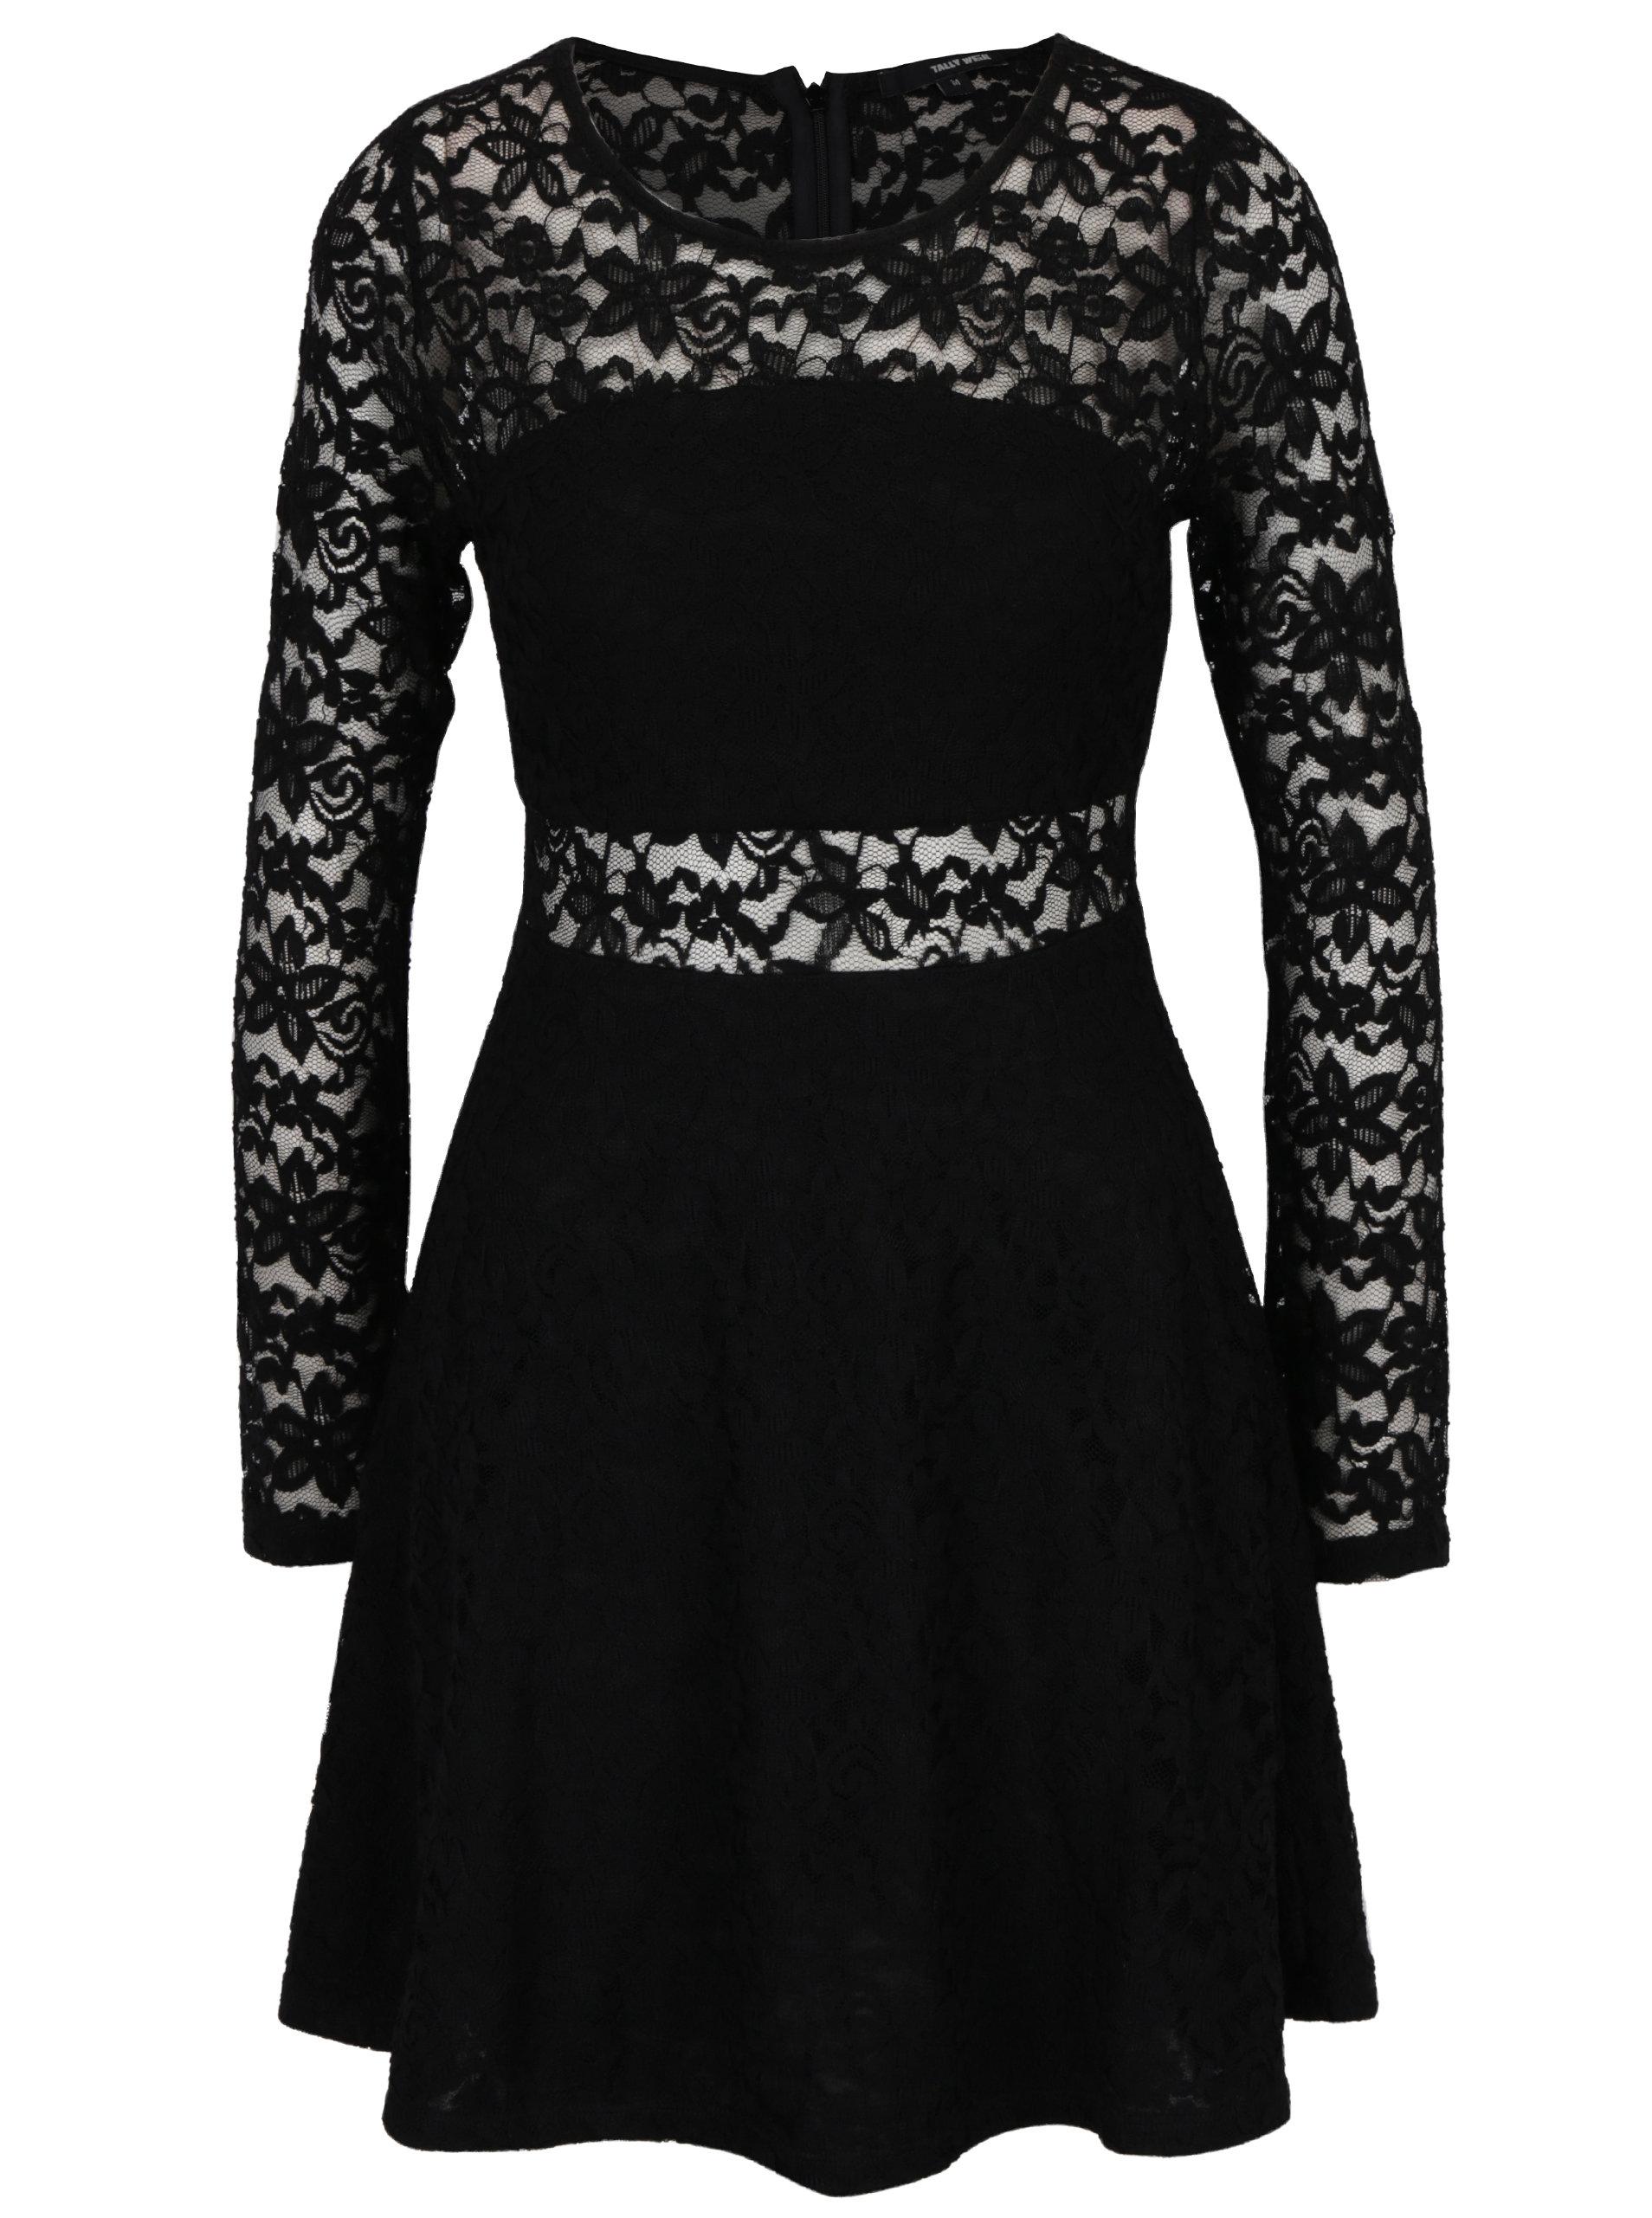 Černé krajkové šaty s dlouhým rukávem TALLY WEiJL ... be04841de8